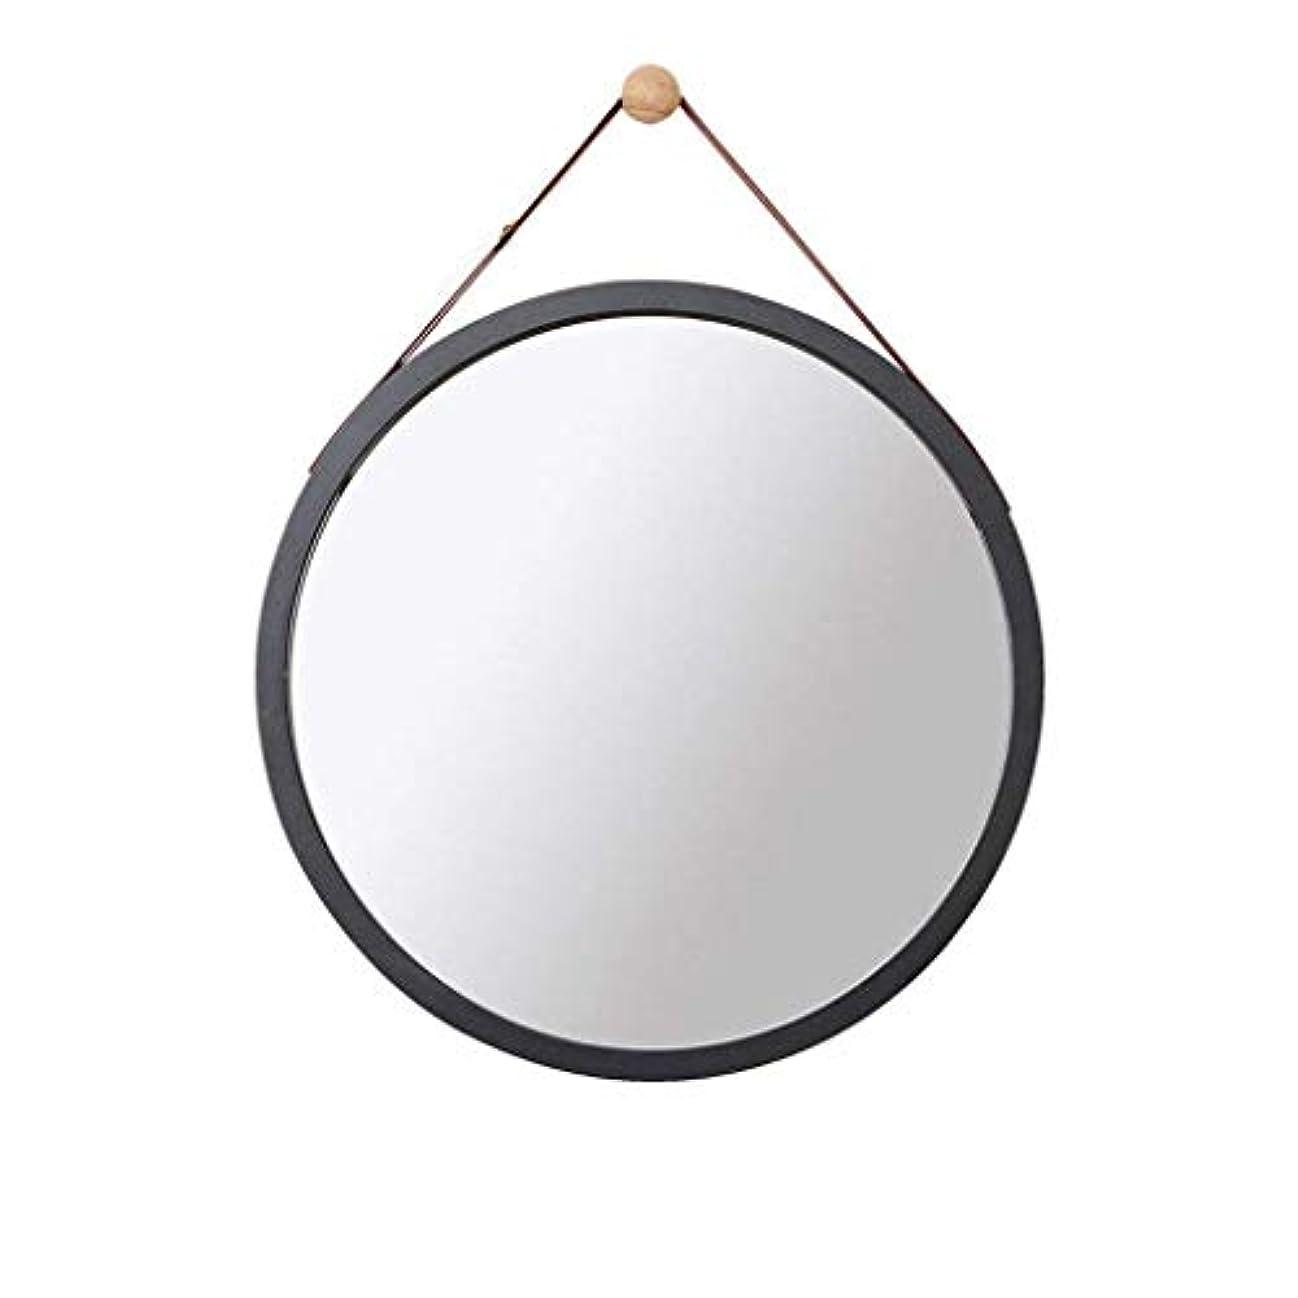 主カフェタクトSelm 壁掛けミラー、壁掛けミラー、化粧鏡、バスルーム装飾、吊り鏡 (Color : Black, Size : 45CM)